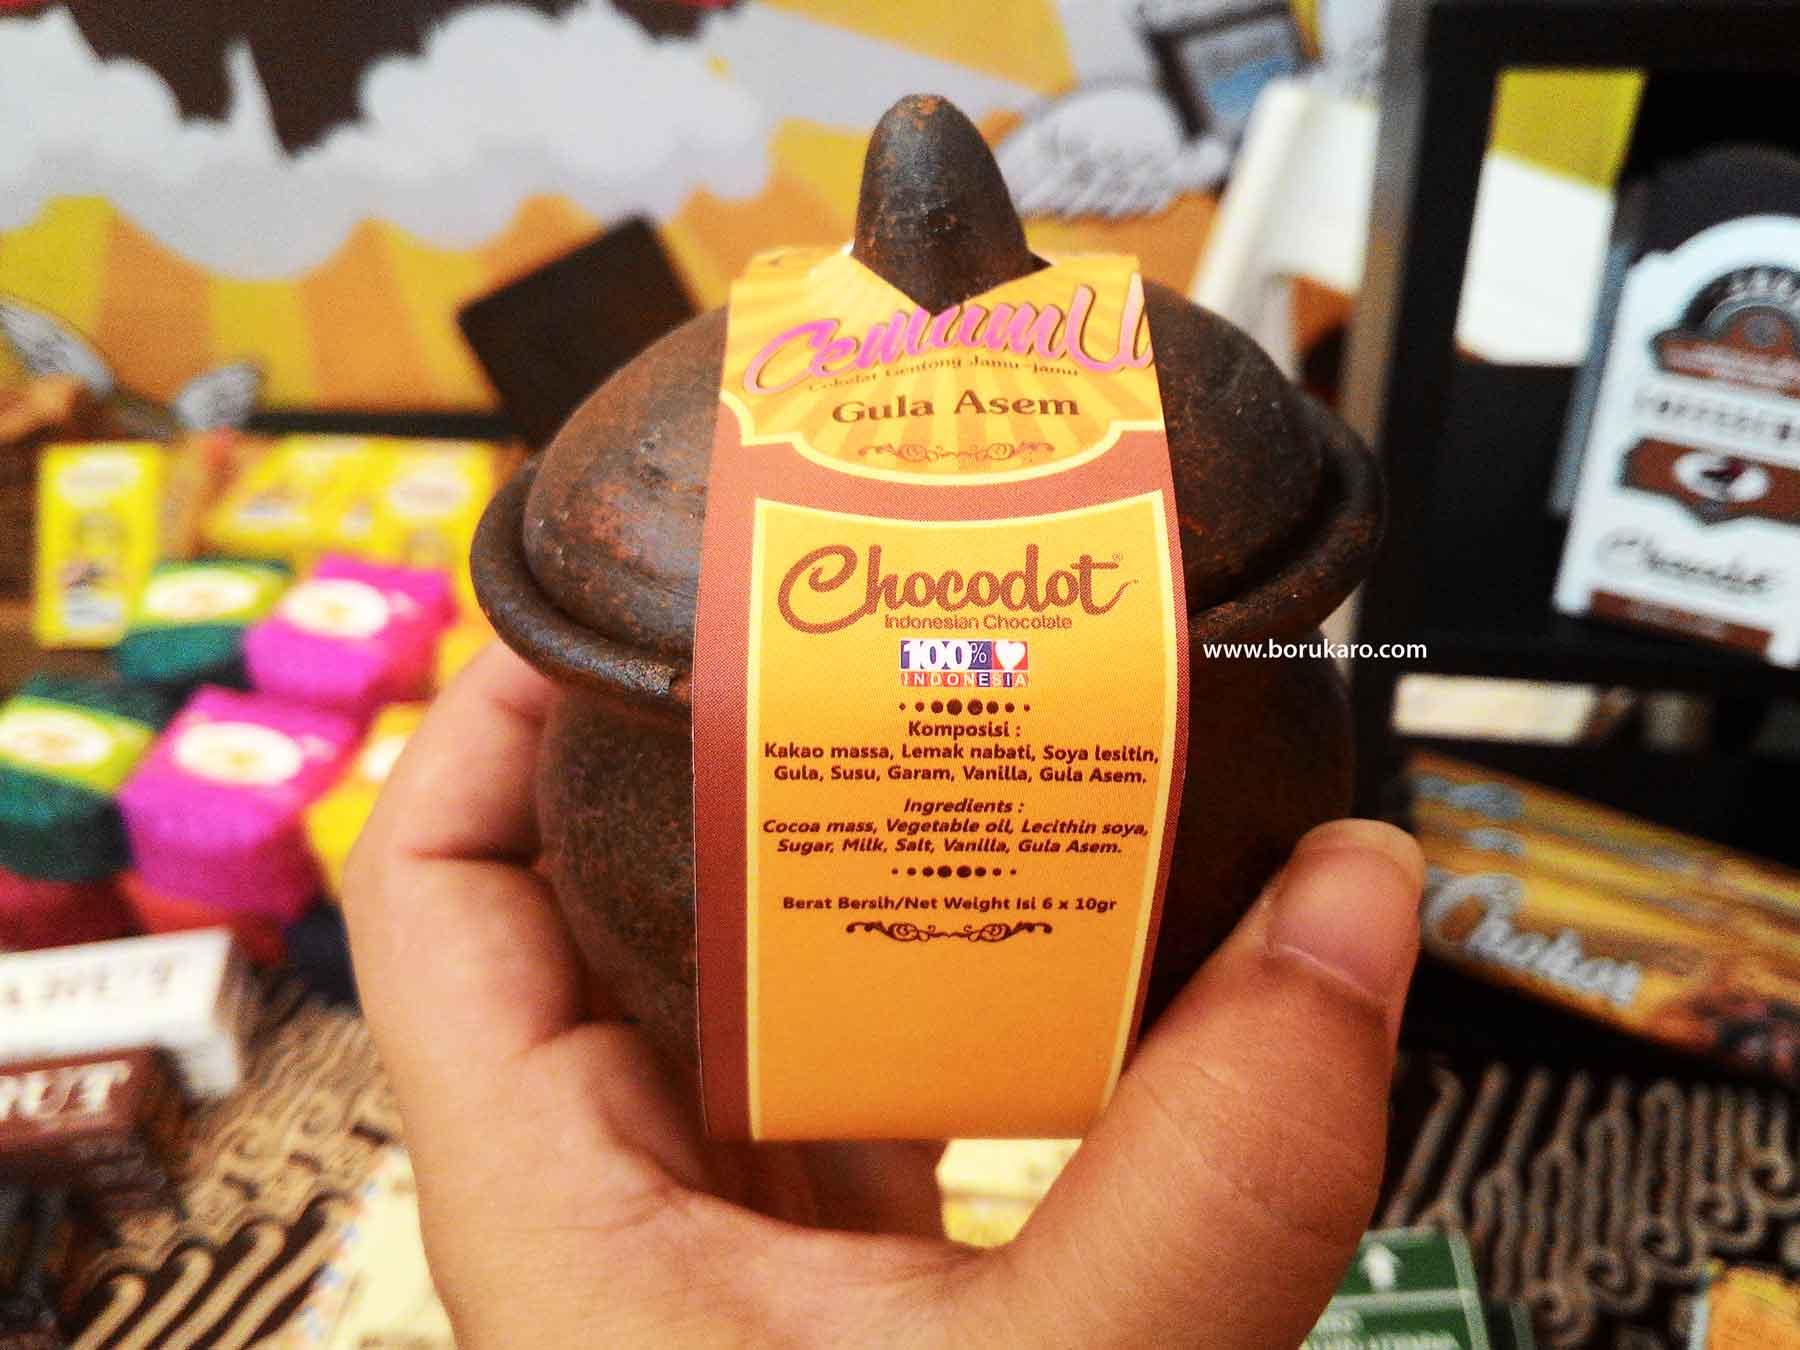 Chocodot Garut